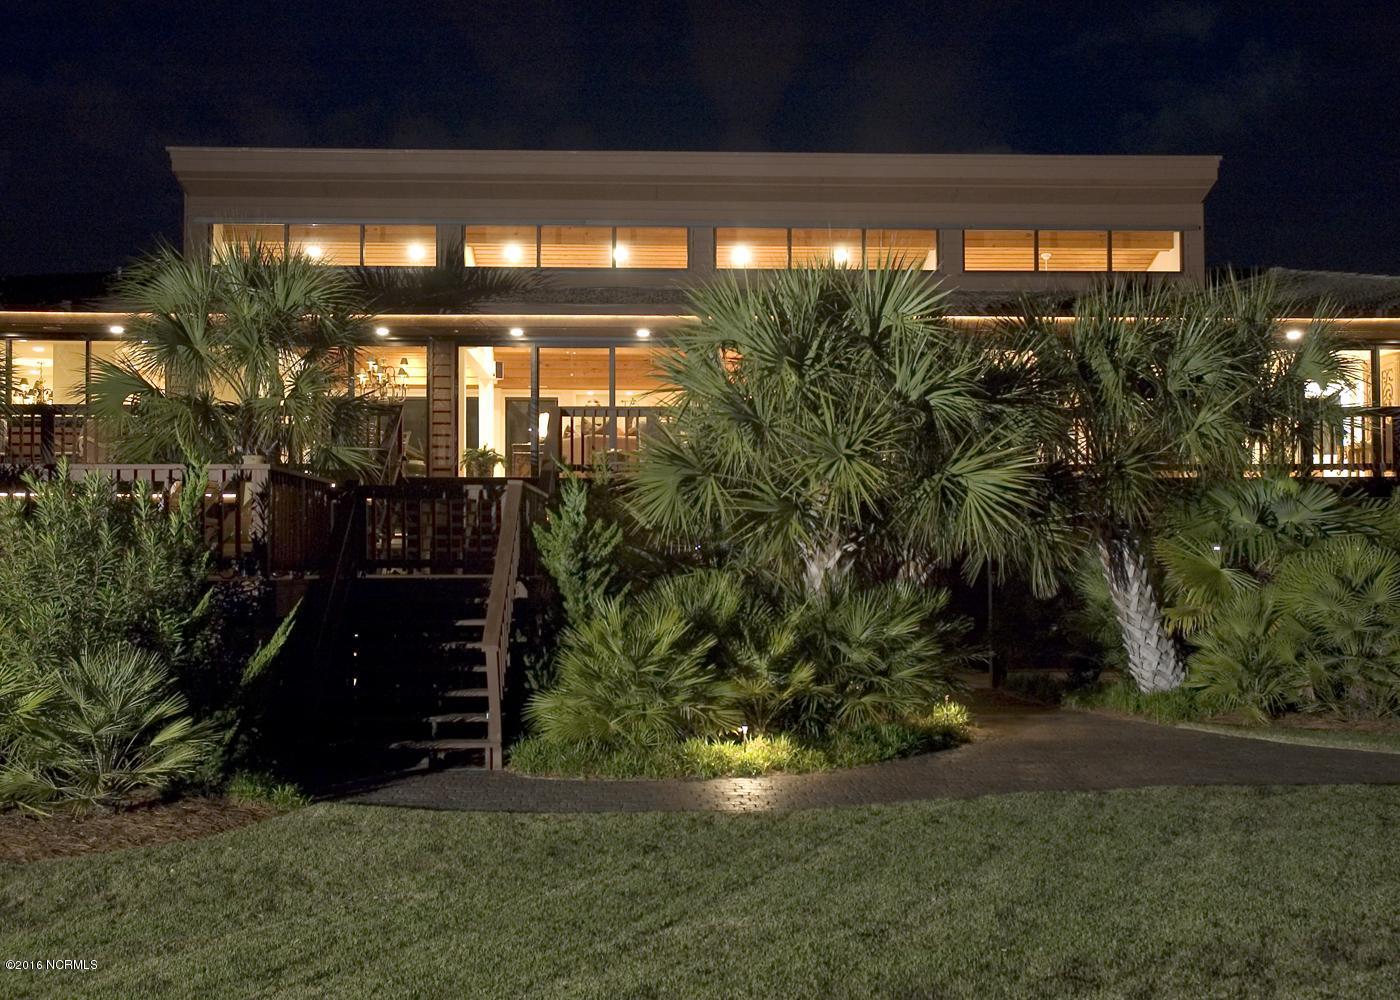 Inlet Point Harbor Real Estate - http://cdn.resize.sparkplatform.com/ncr/1024x768/true/20160722192410986892000000-o.jpg